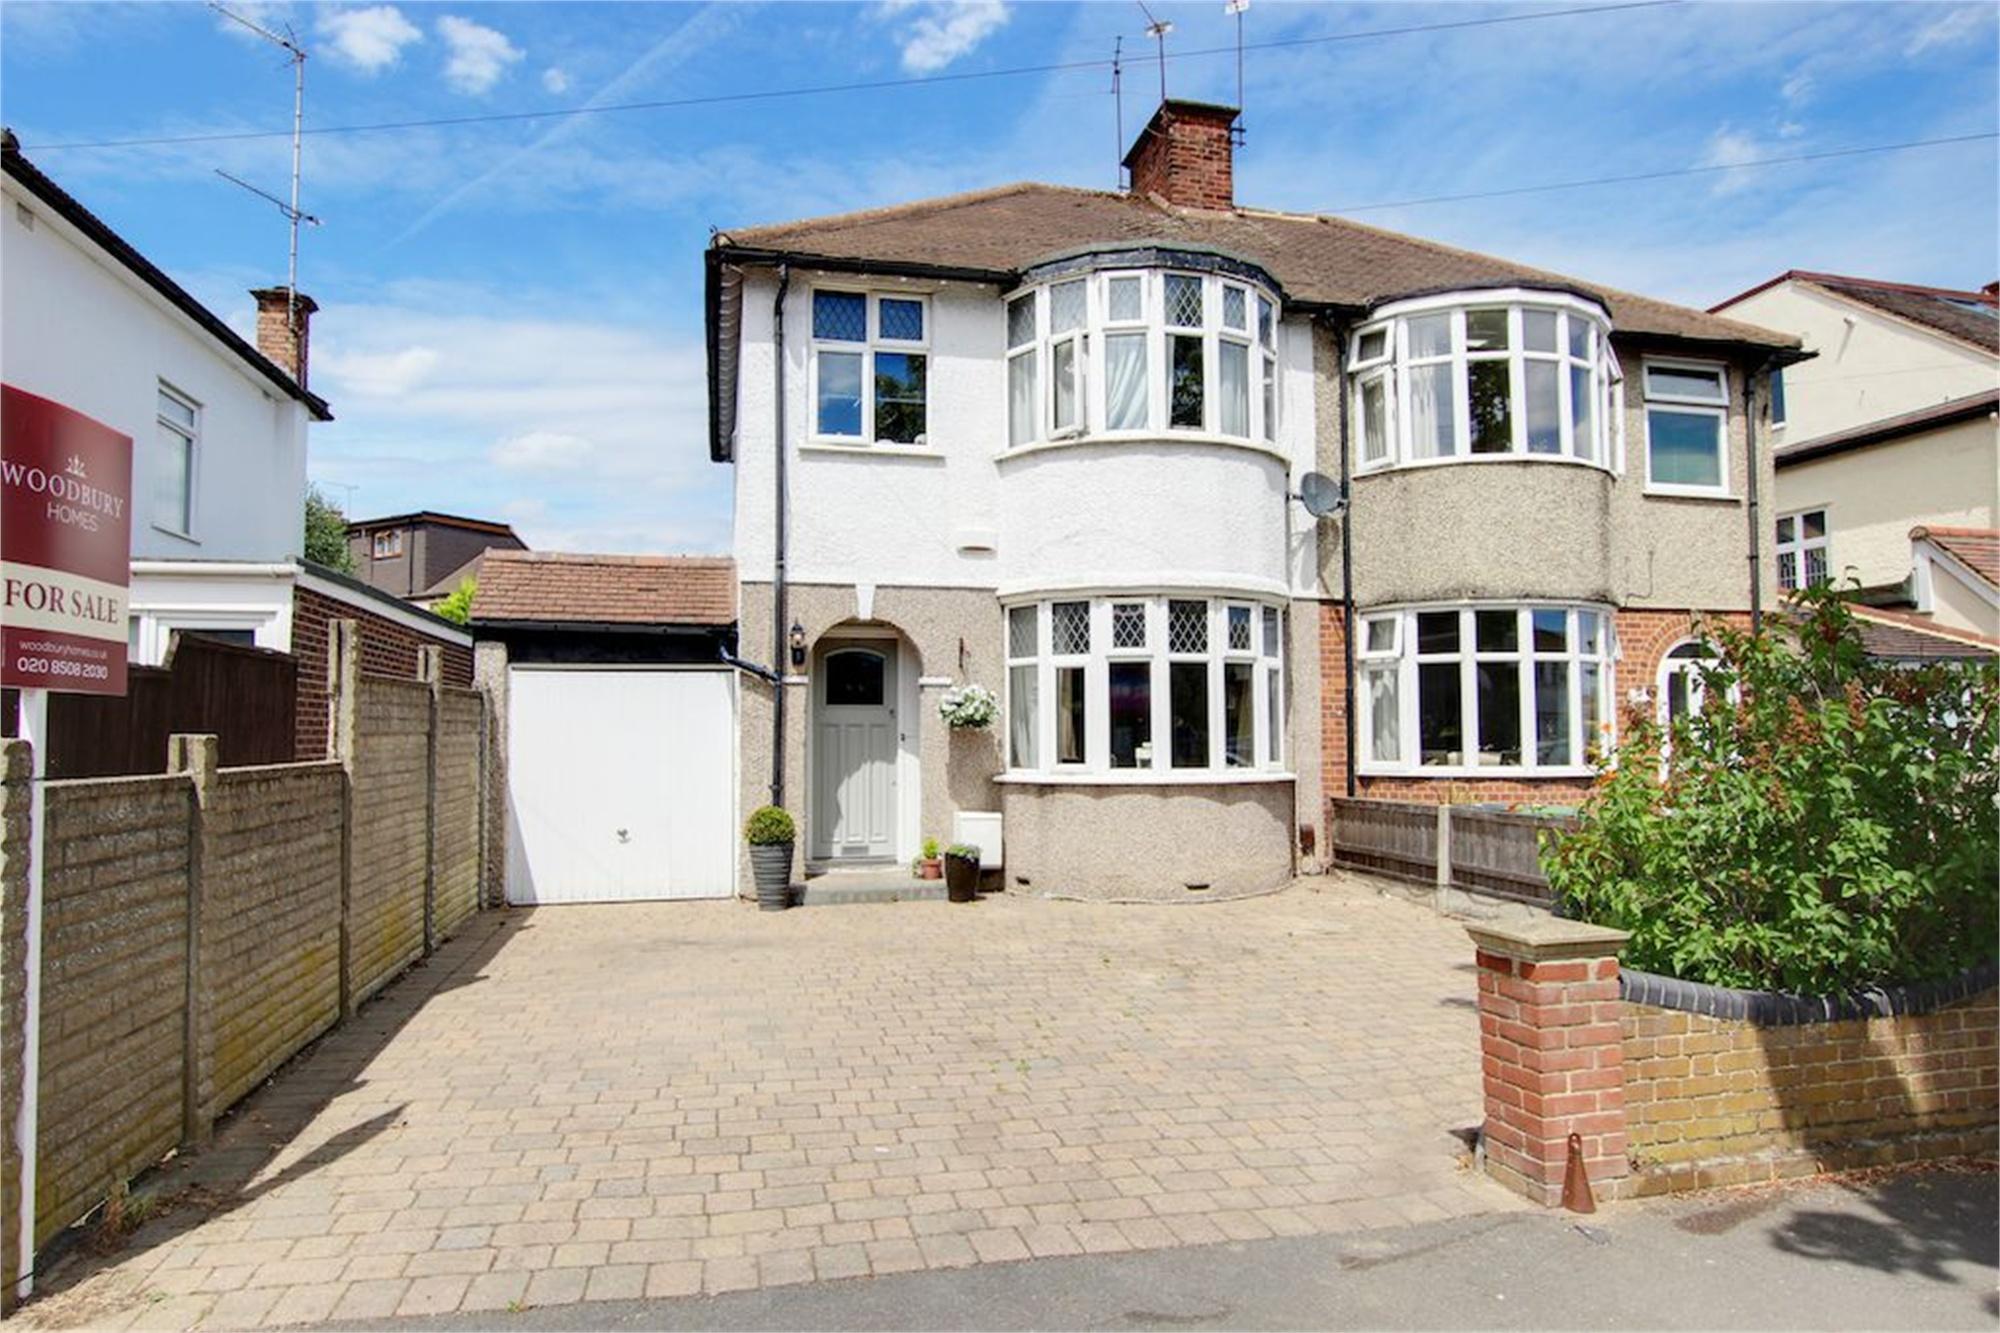 Hillyfields, Loughton, Essex